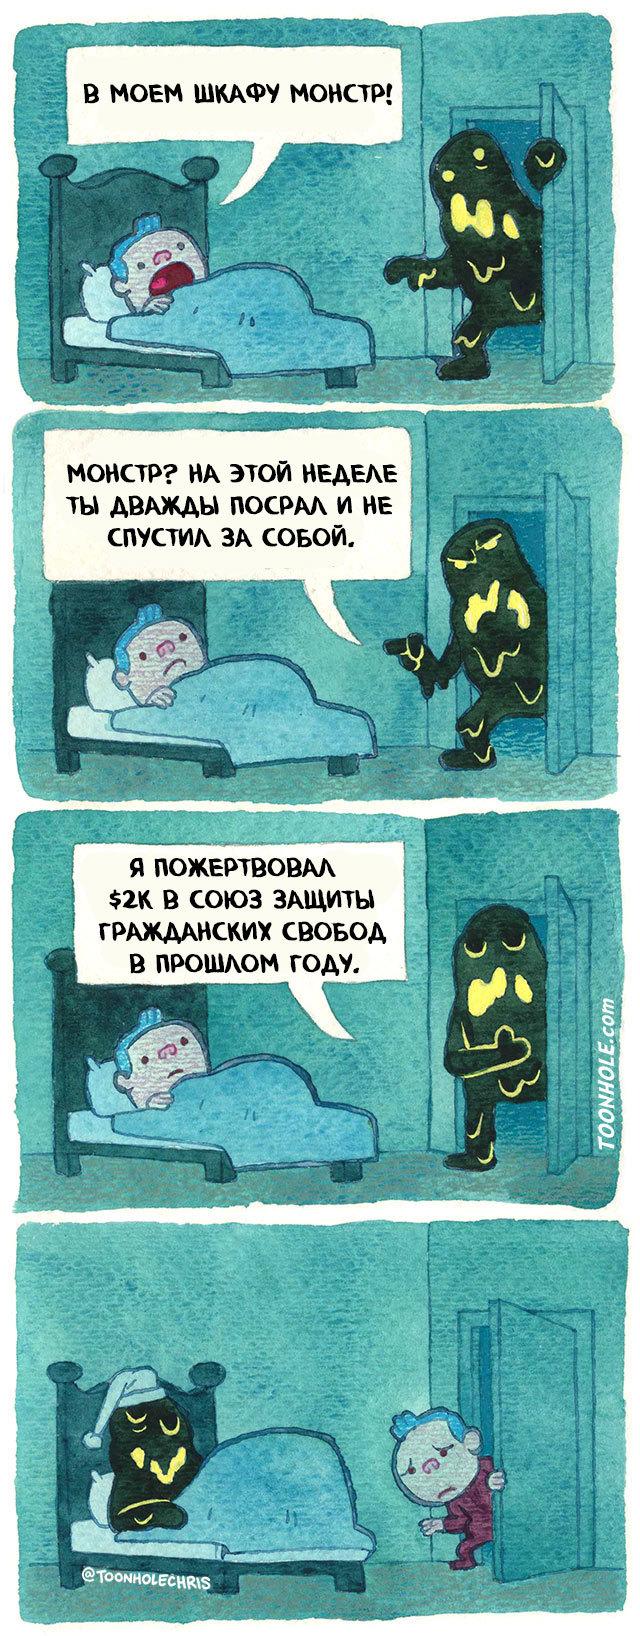 Монстр Toonhole, Монстр, Комиксы, Перевод, Achi, Длиннопост